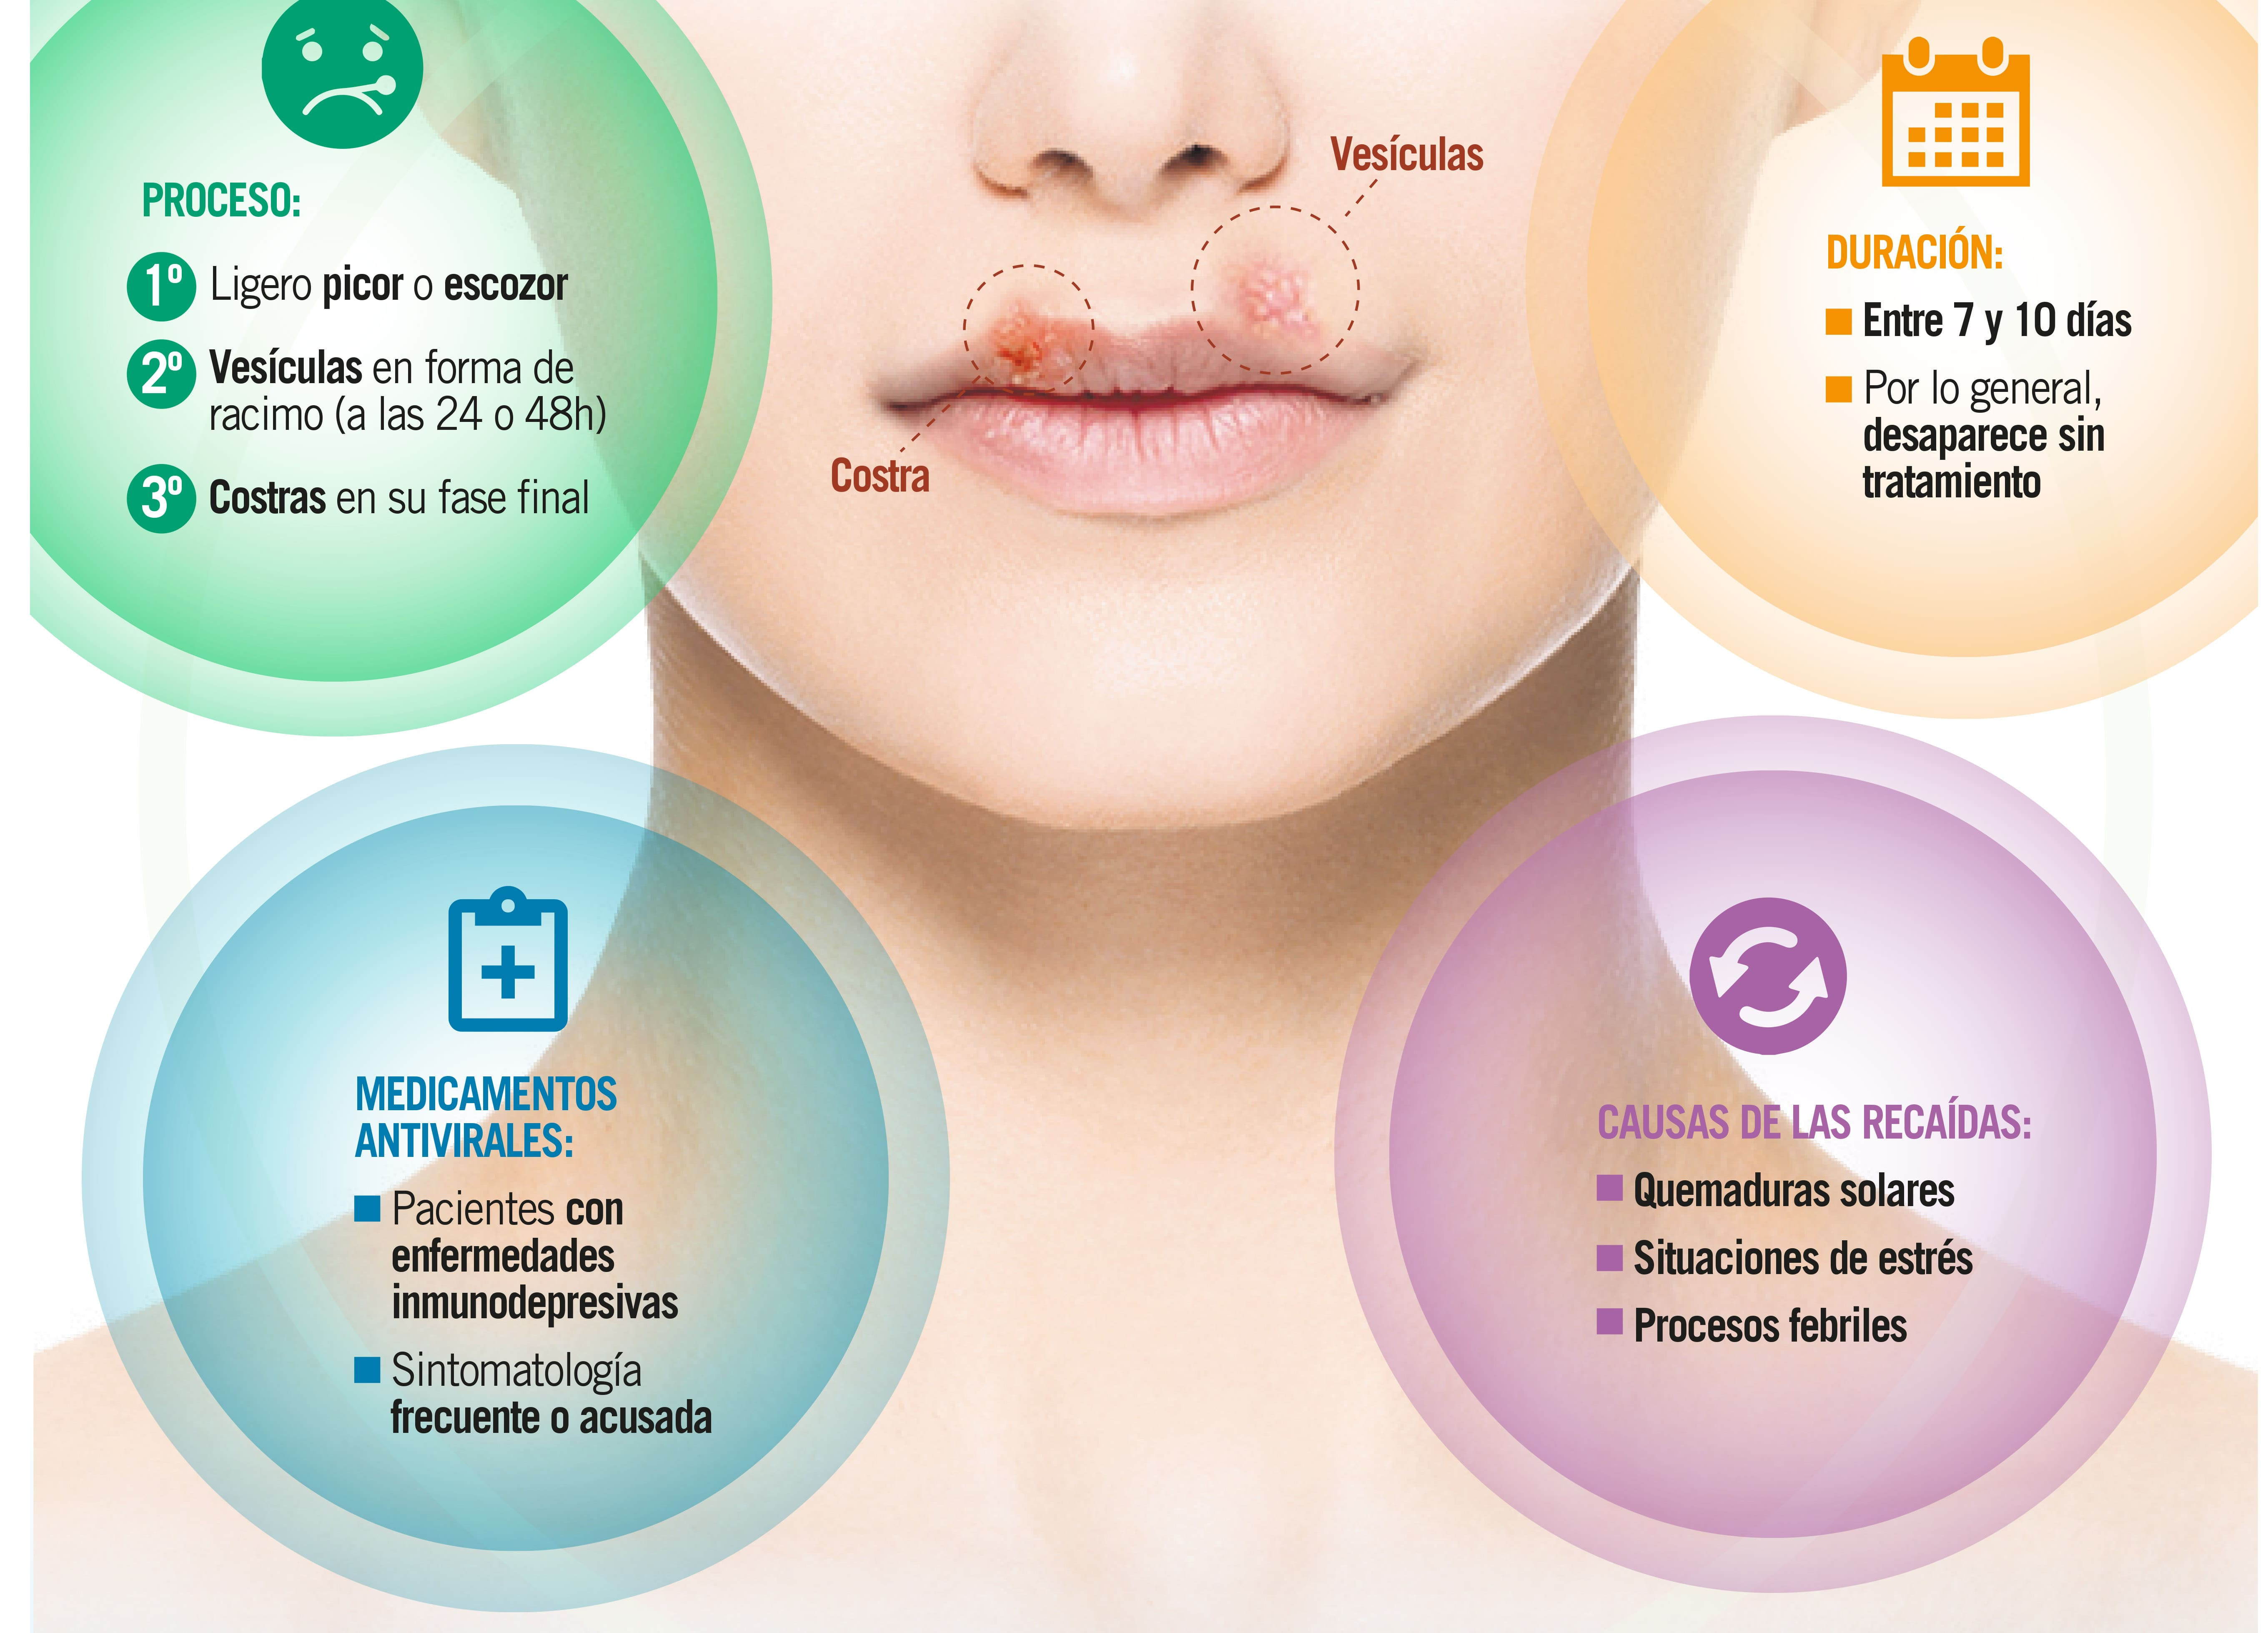 Herpes labial, una infección leve pero molesta